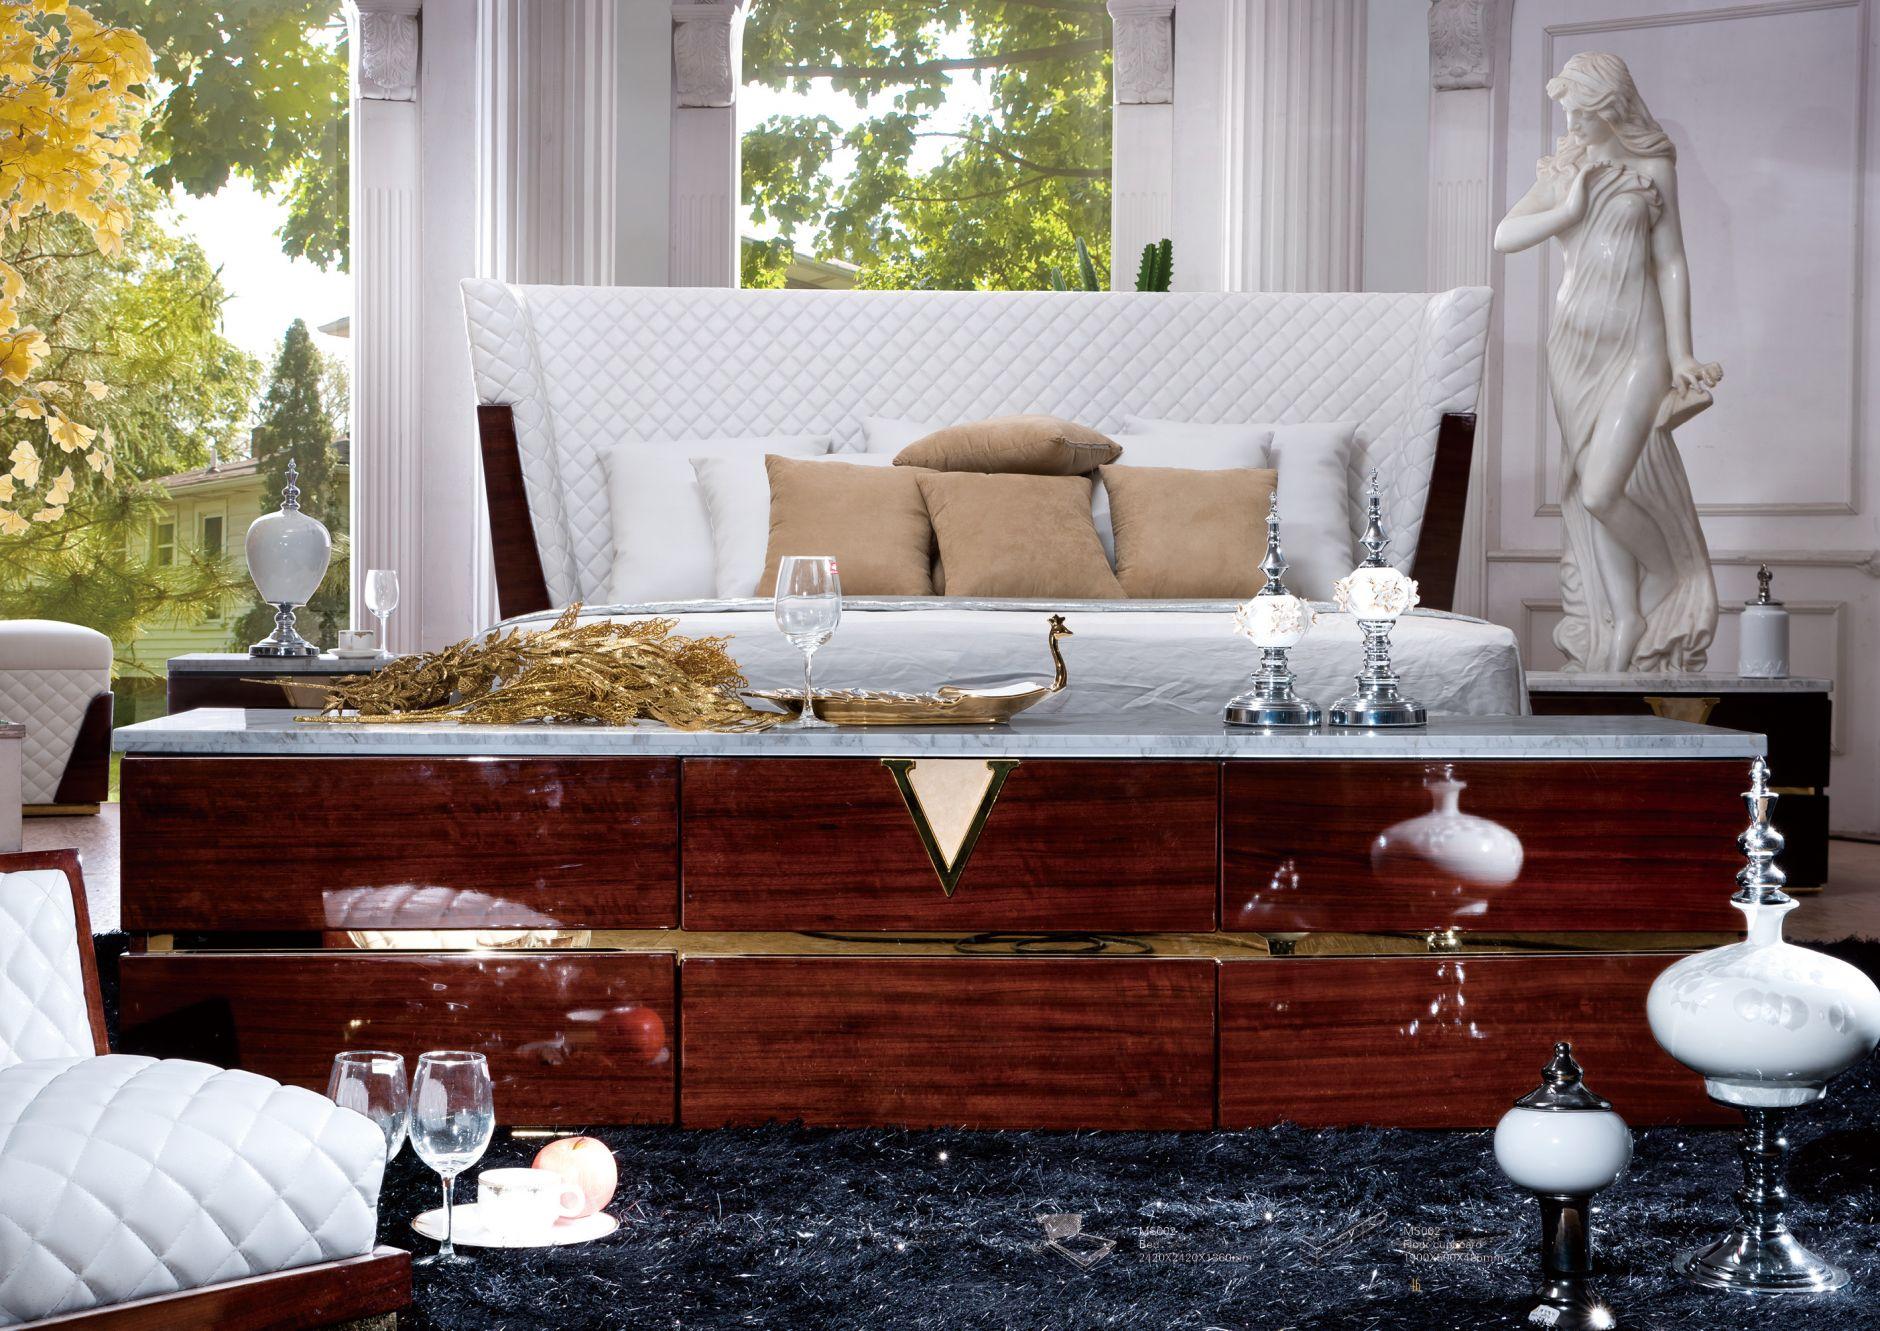 Mobilier design chambre design s rie ms002les meubles de for Mobilier chambre design